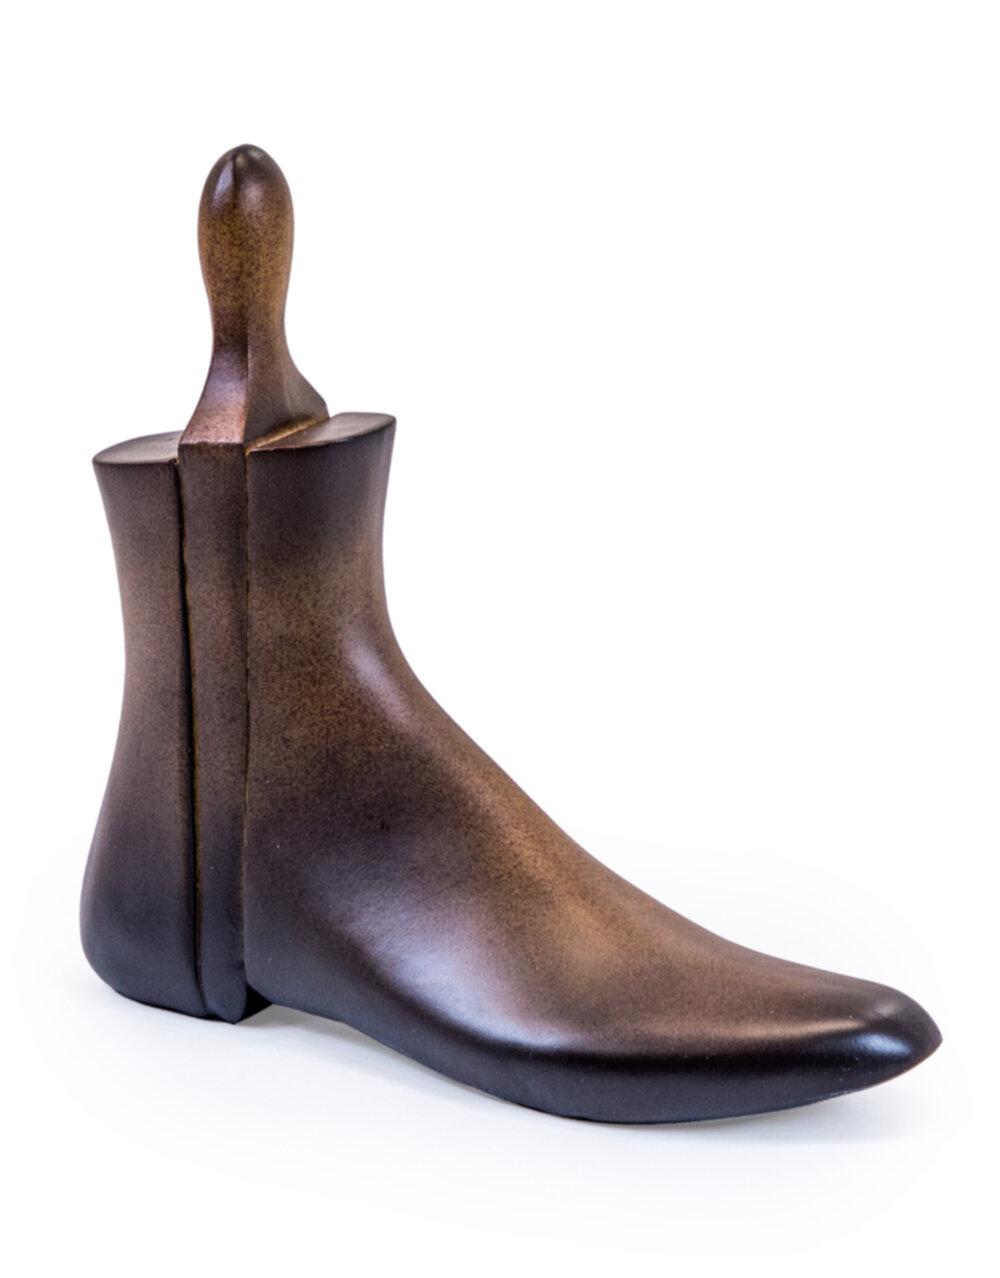 Antiqued Wooden Effect Shoe Mould Ornament